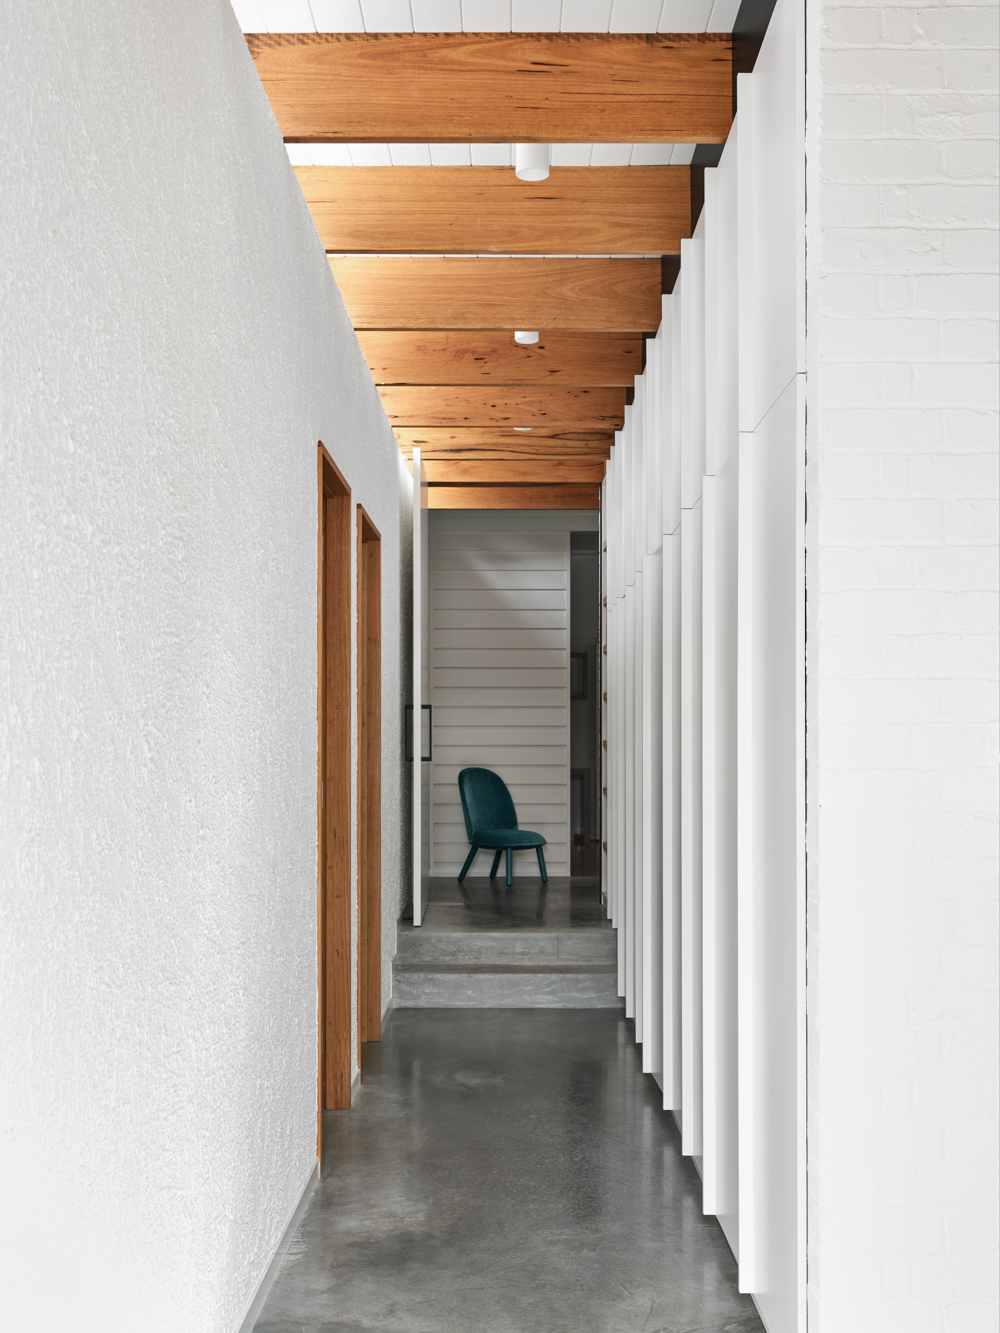 glen-iris-pleysier-perkins-architecture-the-design-emotive-02.jpg